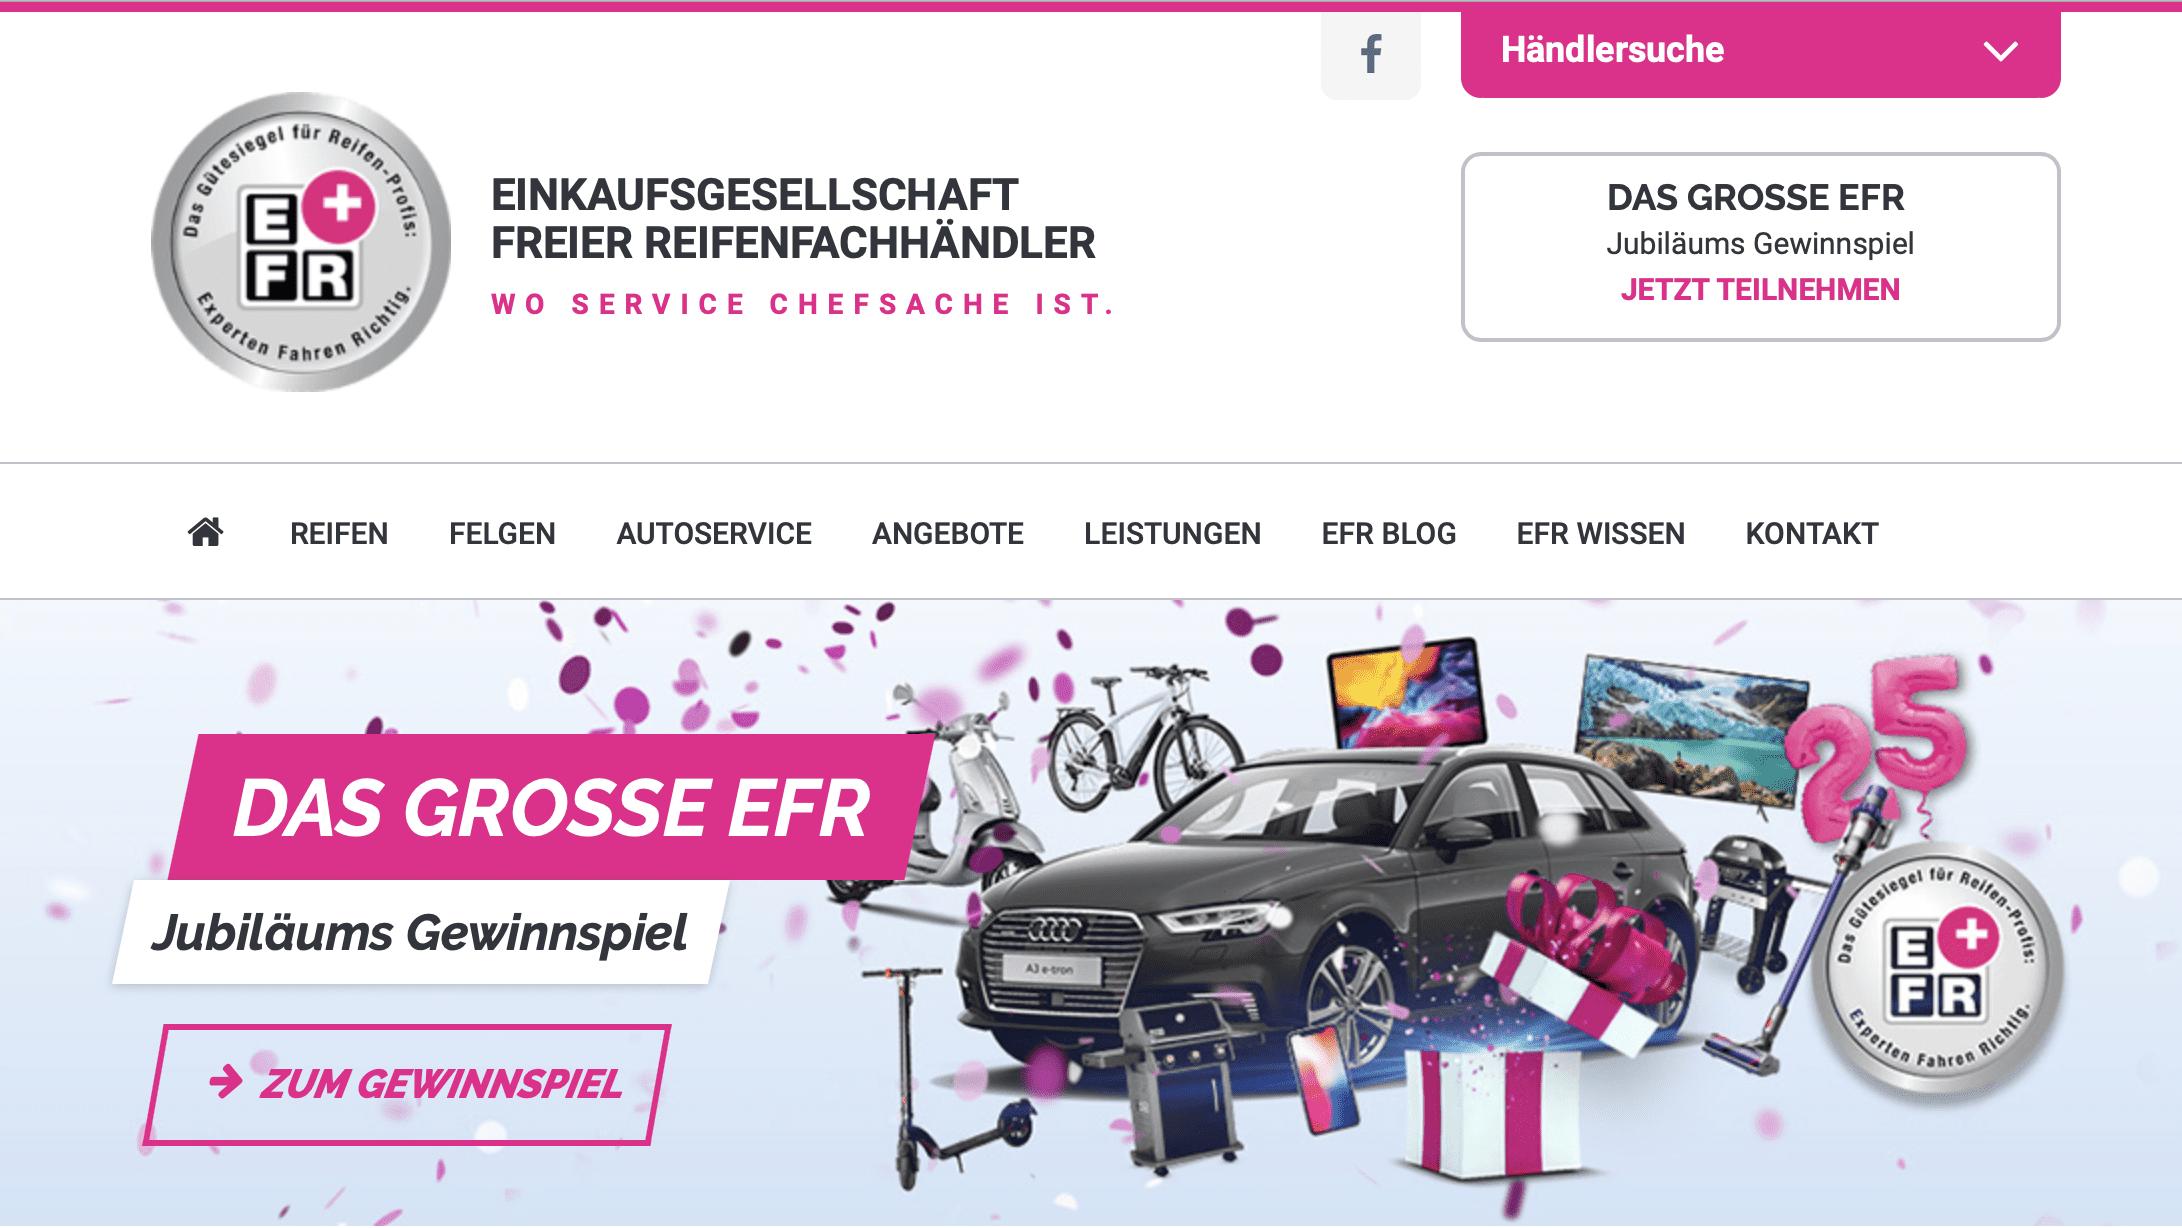 Gewinnspiel-Cases Markenartikler für Händler EFR